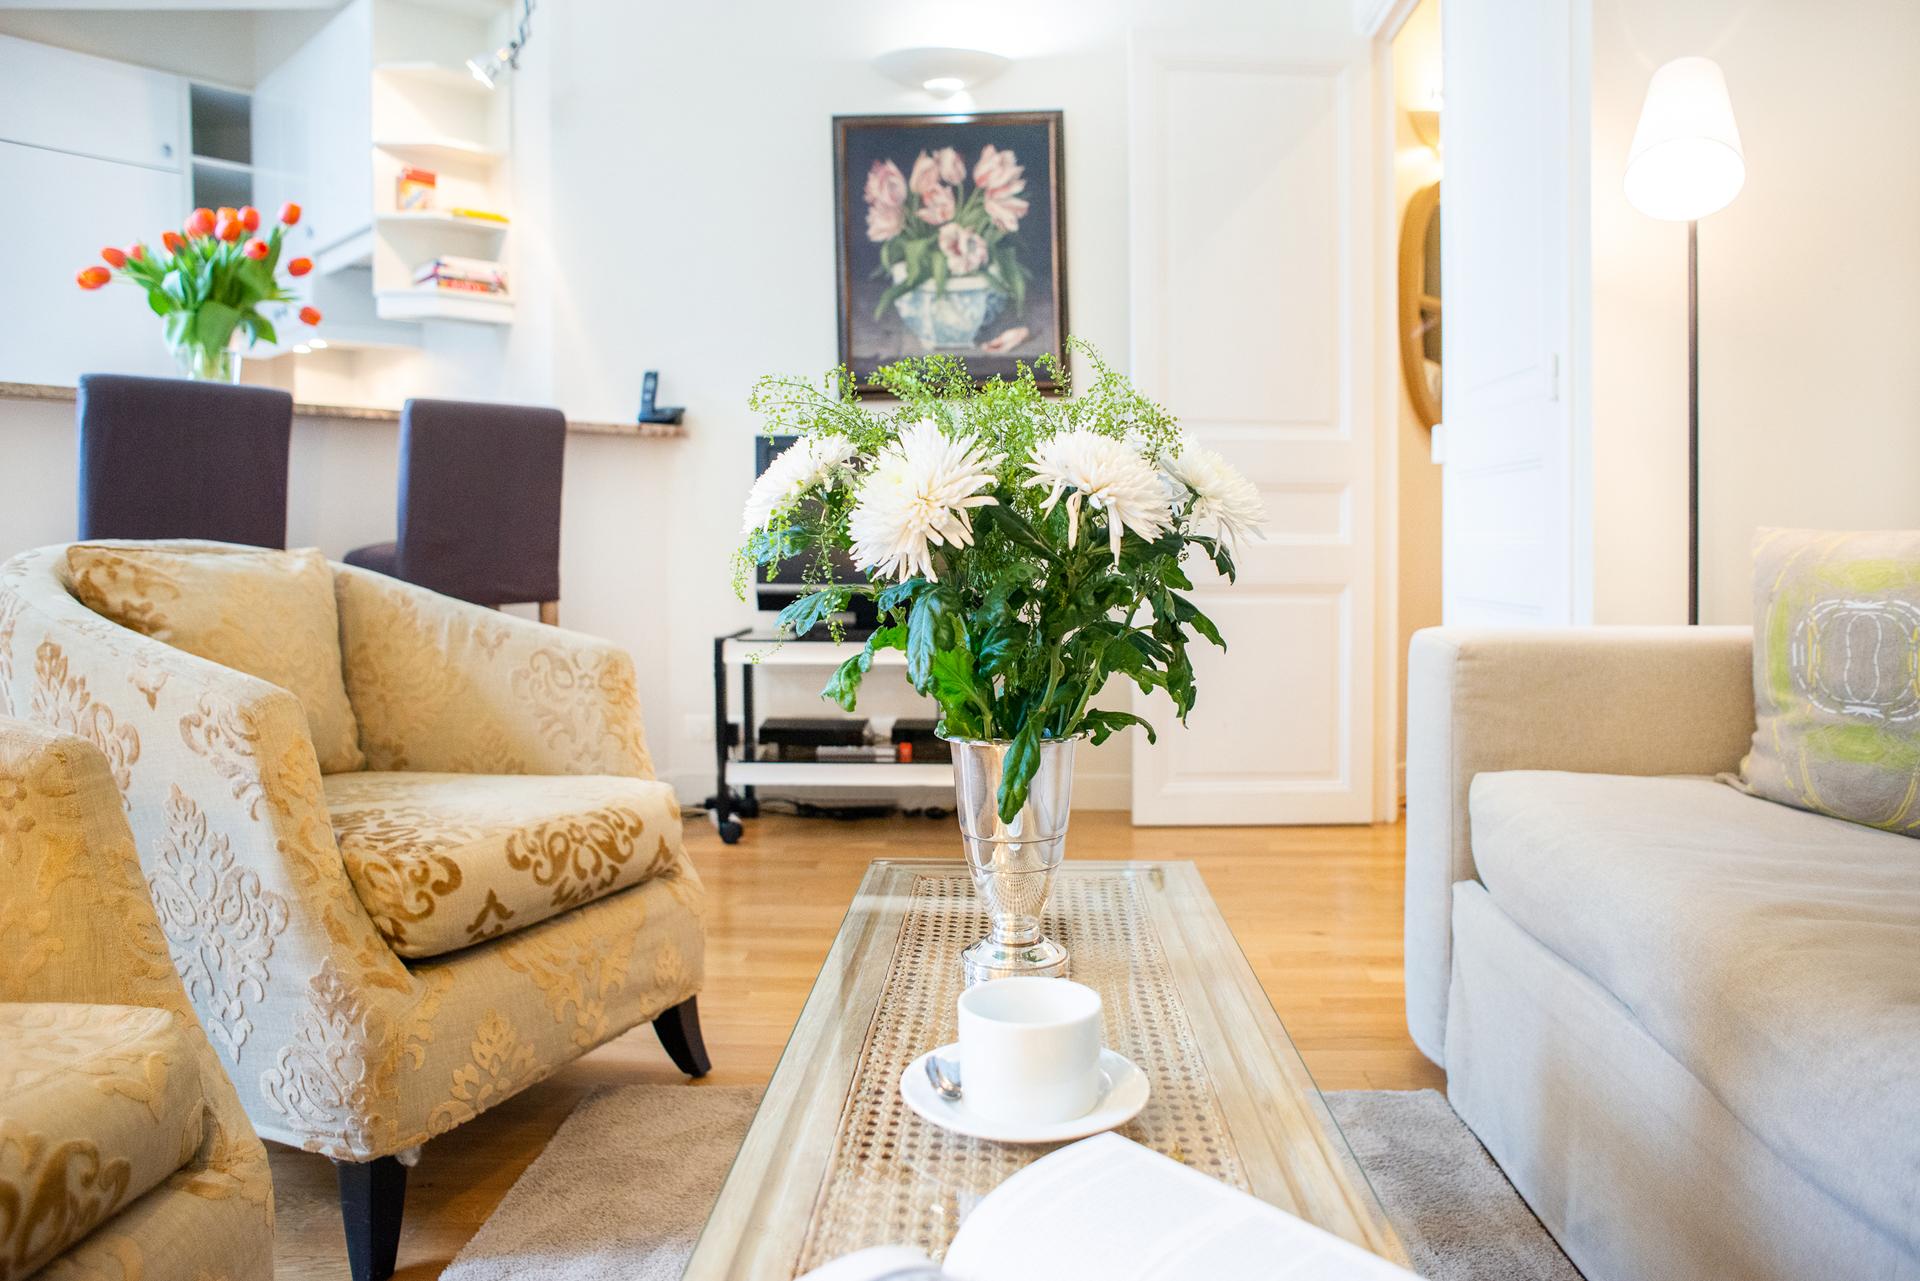 Spacious 2 bedroom rental in St. Germain by Paris Perfect